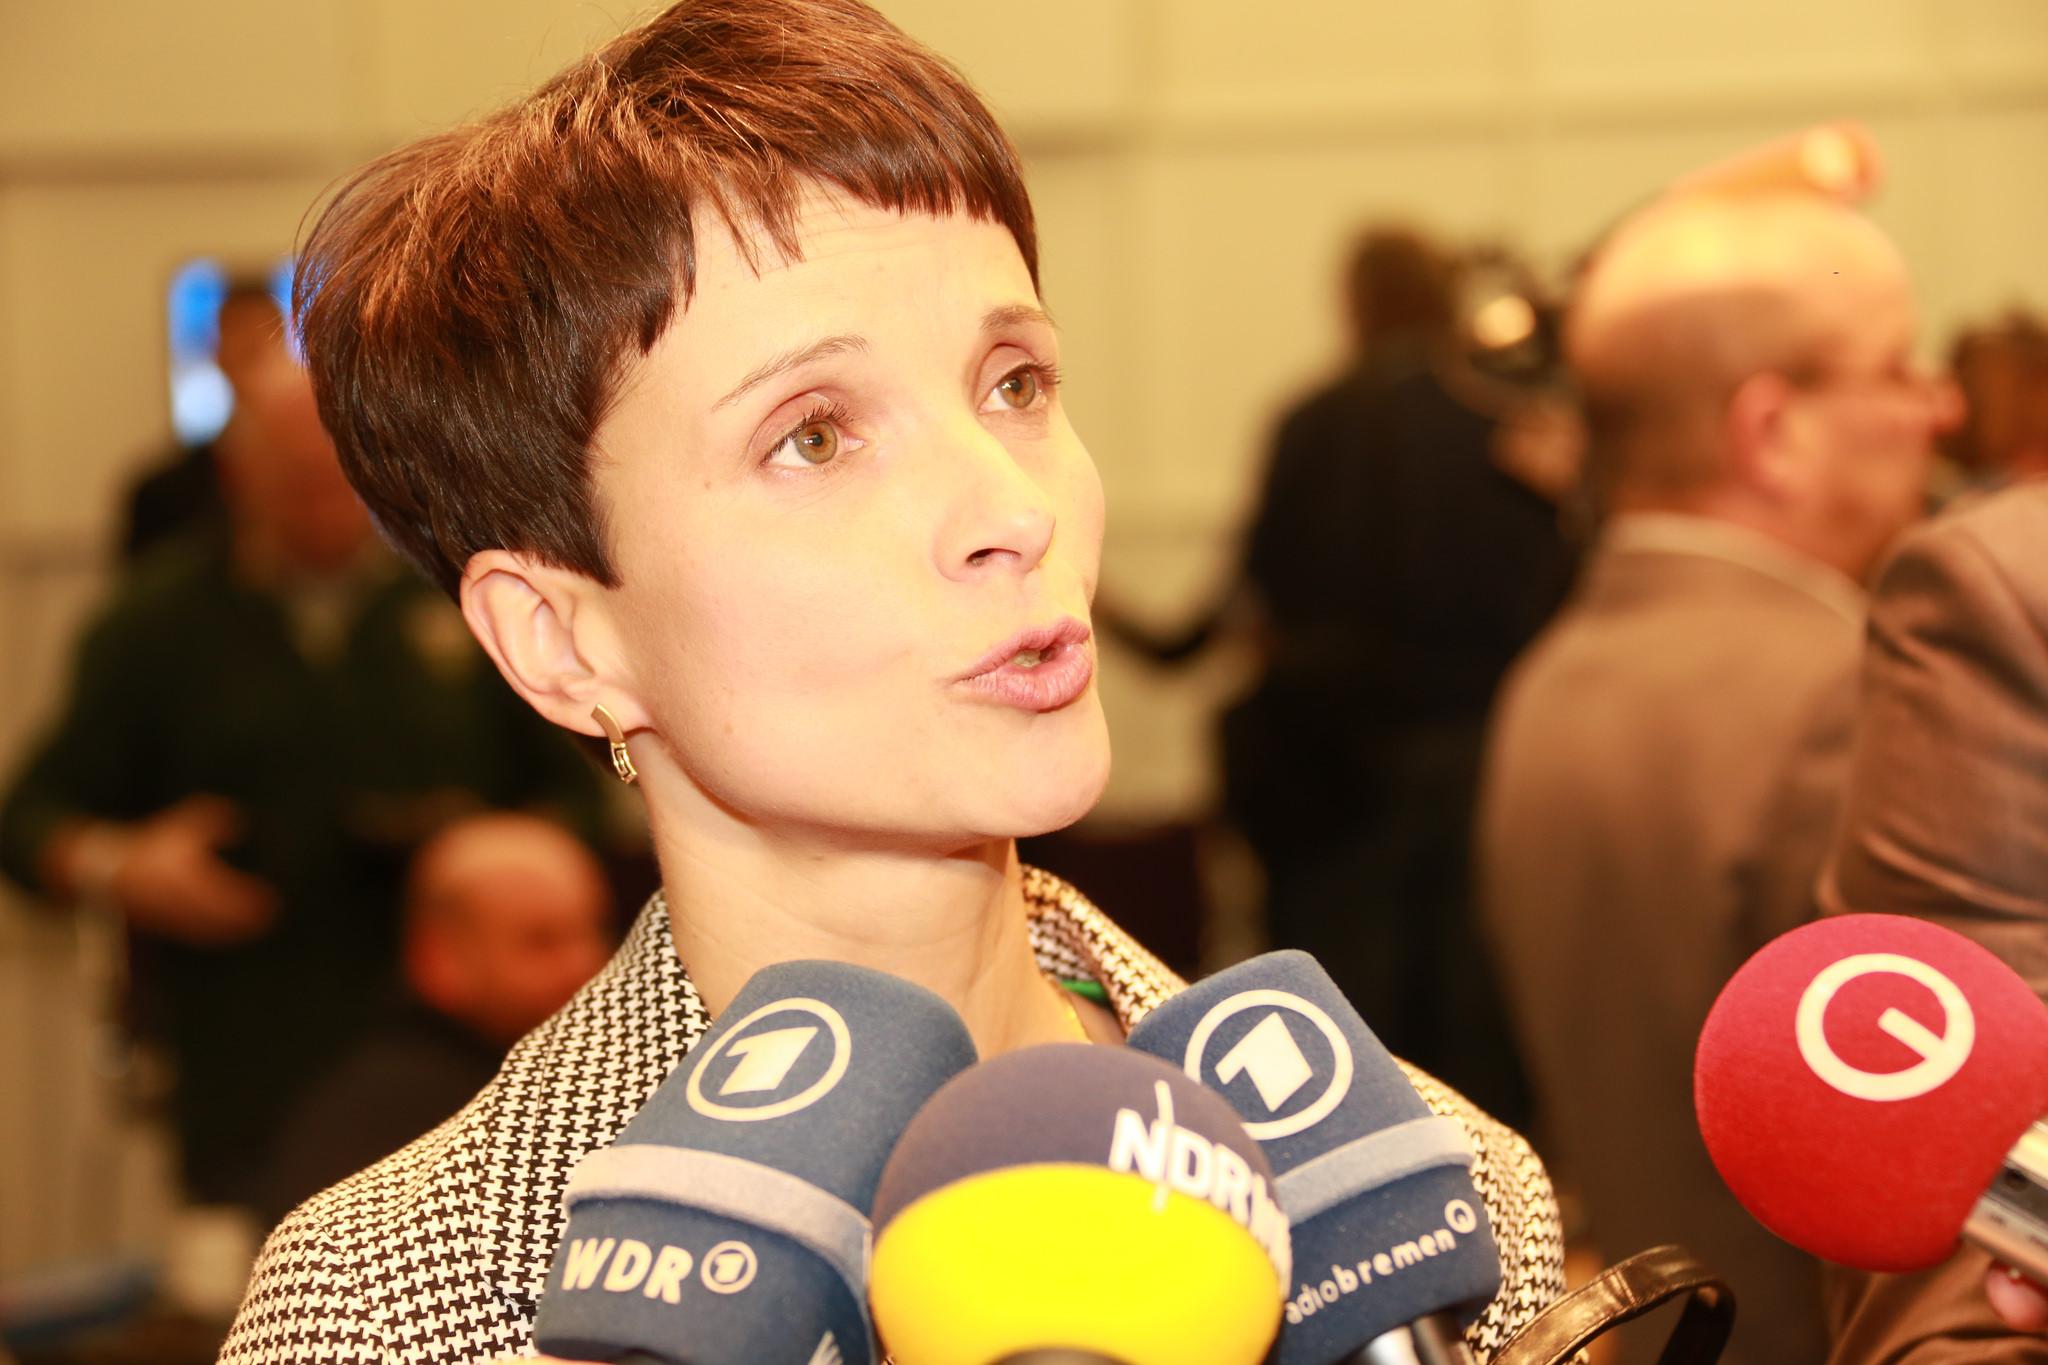 Wahlsiegerin: AfD-Chefin Frauke Petry freut sich über drei Landtagswahlen mit zweistelligen Ergebnissen für ihre Partei (Archivfoto). Foto: Metropolico.org / Flickr (CC BY-SA 2.0)